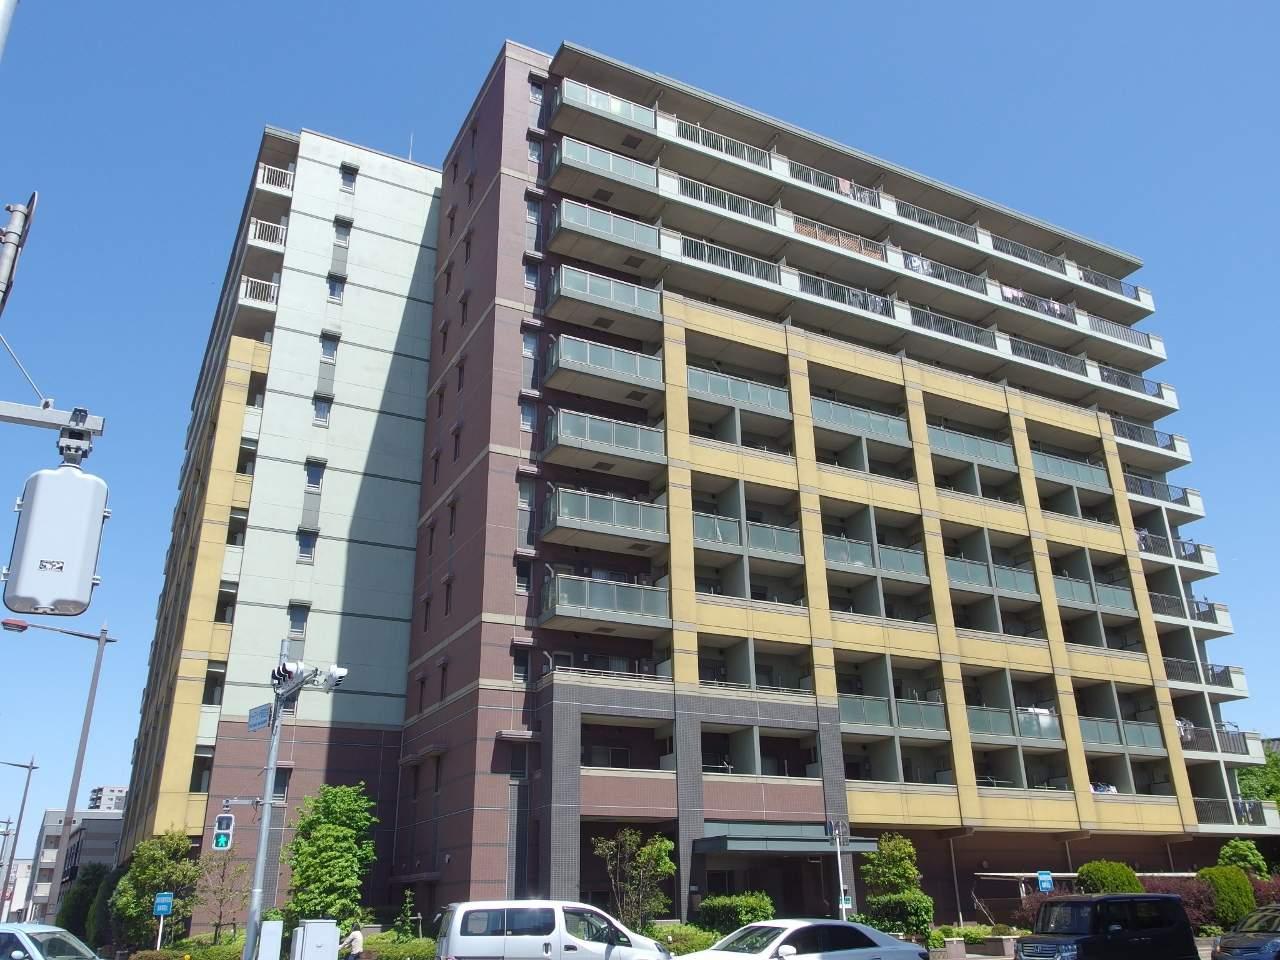 千葉県千葉市中央区、千葉駅徒歩15分の築9年 11階建の賃貸マンション